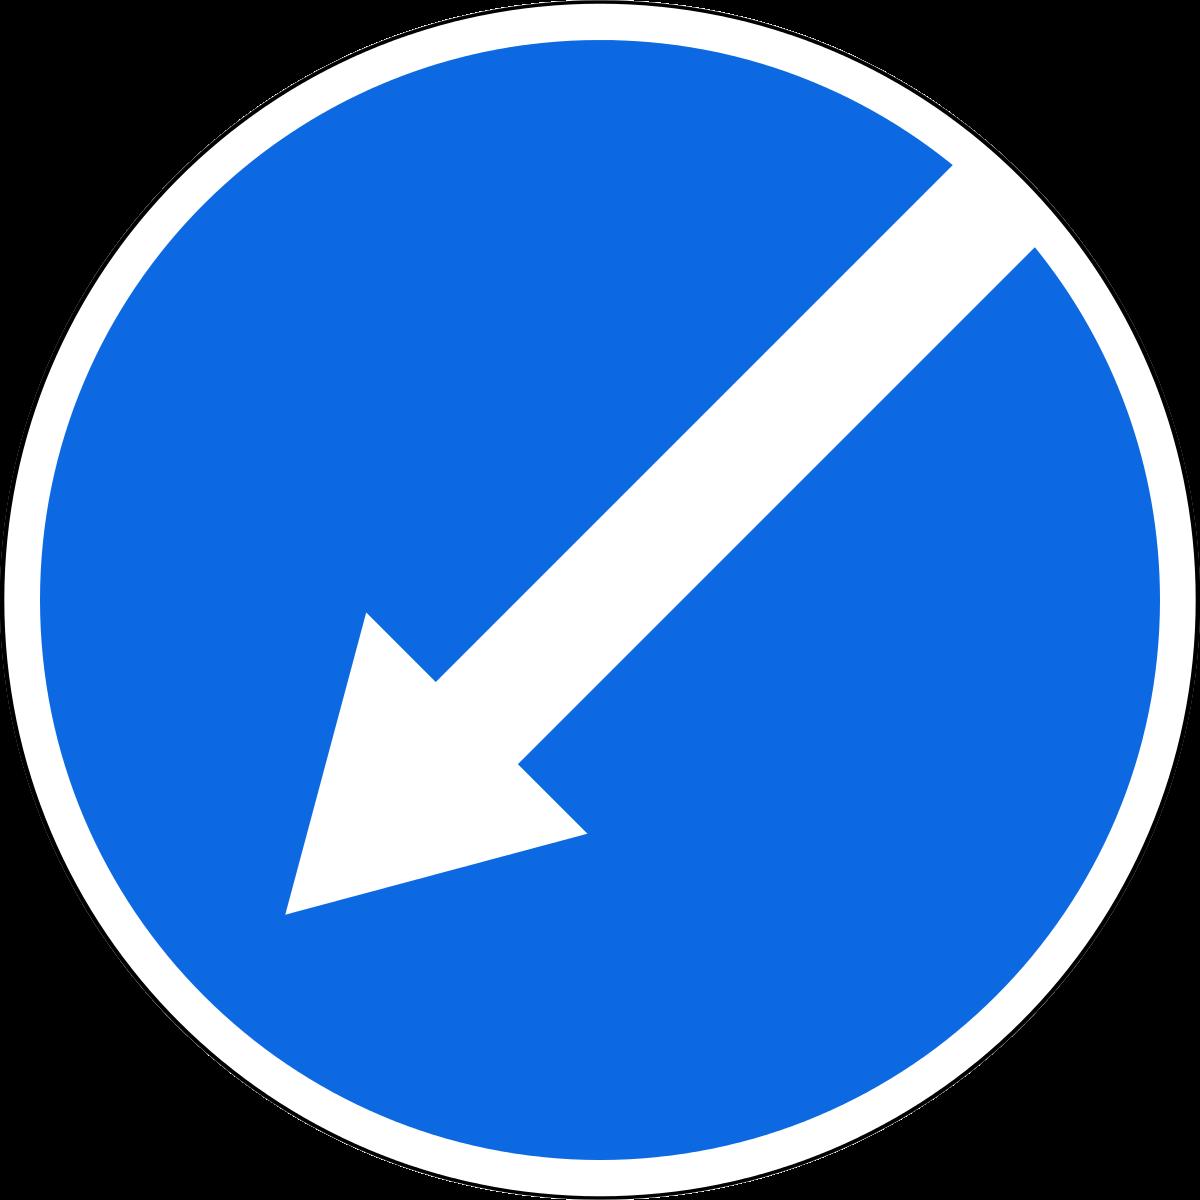 Знак 4.2.2 Кедергіні сол жақтан айналып өту/ Объезд препятствия слева